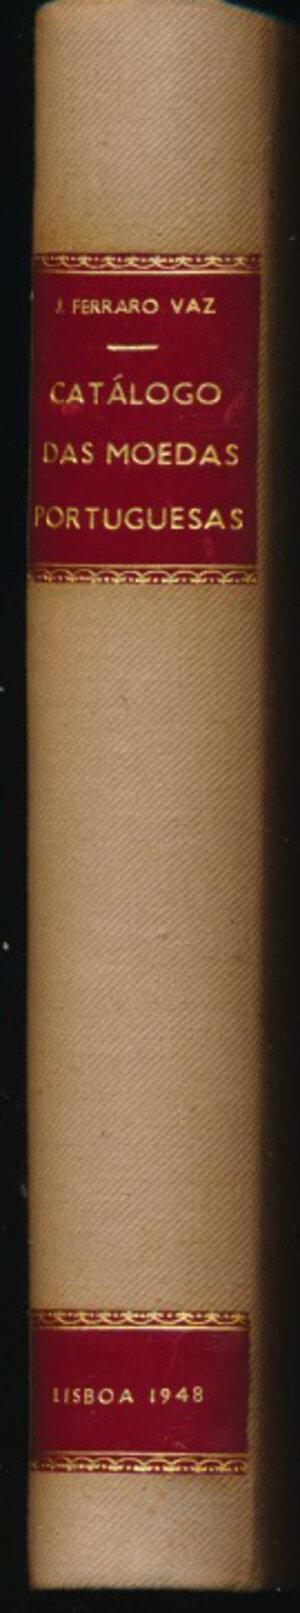 obverse: Vaz J.F. - Catalogo das moedas portoguesas. Lisboa, 1948, pp. 246, con cenni storici, descrizione delle monete, disegni in b/n e valutazioni di mercato. RARO. Copertina rigida in tela con dorso con fregi e scritte dorate. Ottimo stato.